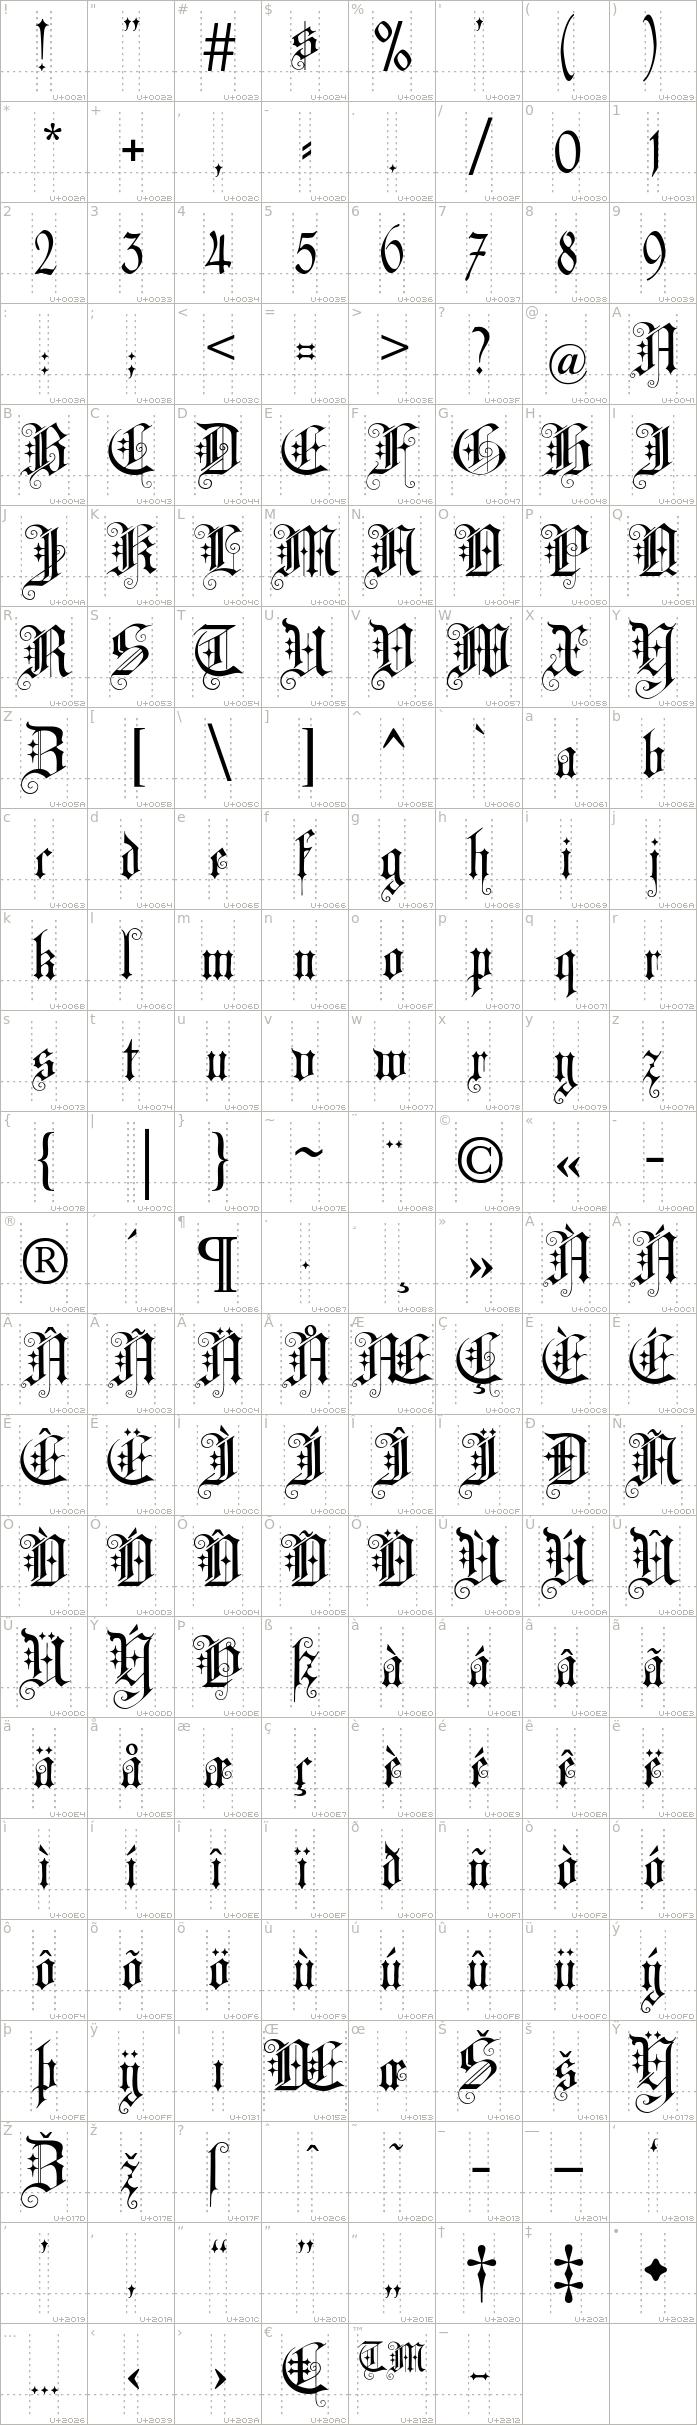 cat-altgotisch.regular.character-map-1